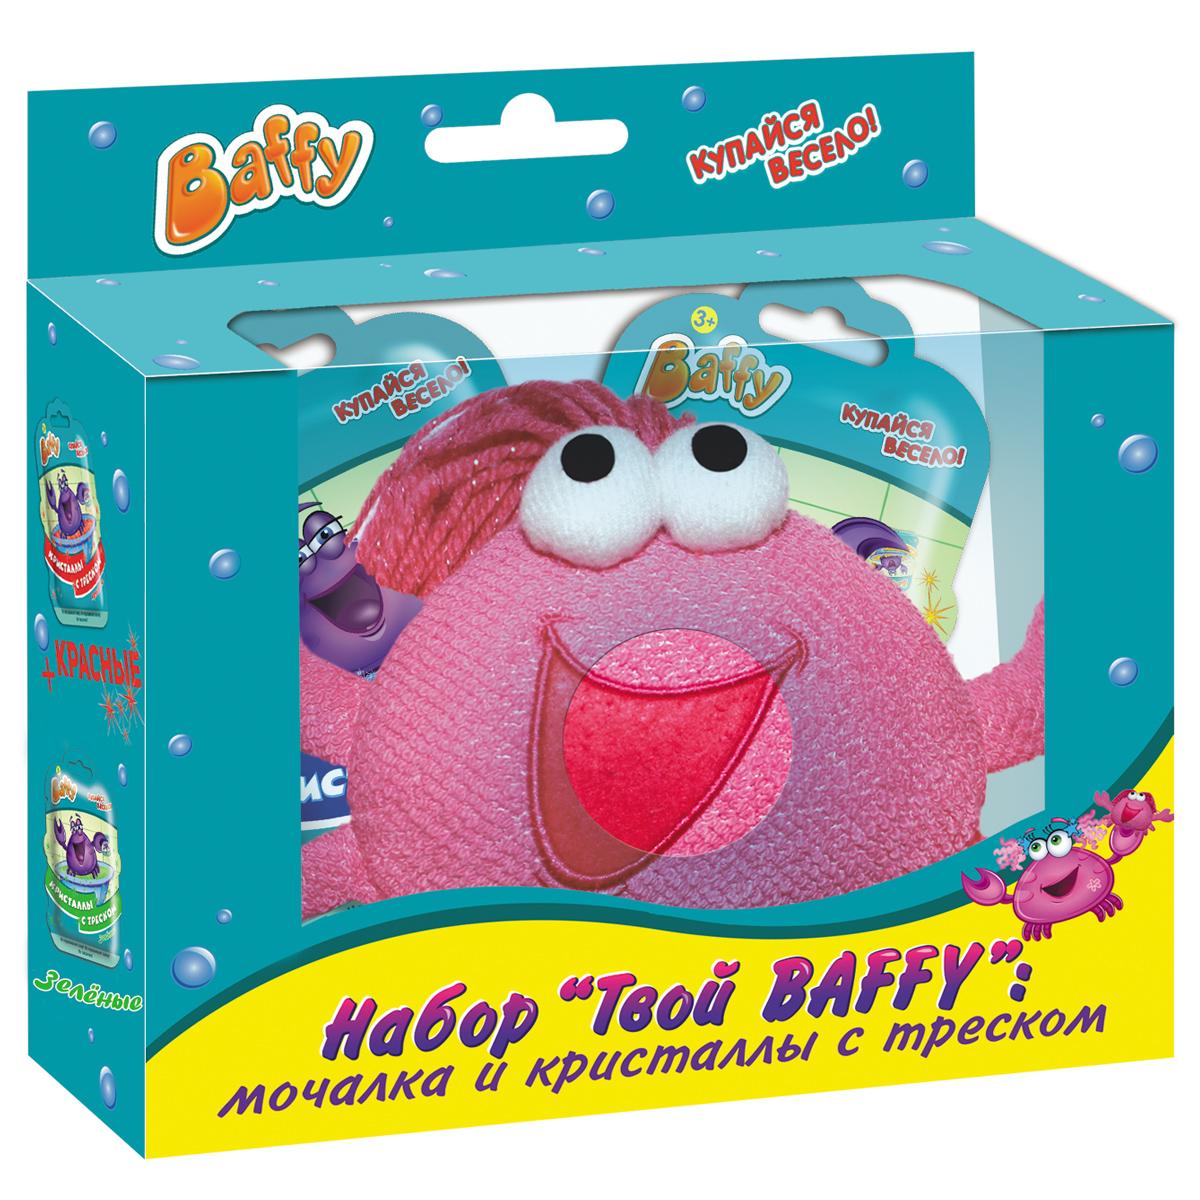 Baffy Набор средств для купания Твой Baffy мочалка и кристаллы с трескомD0112Купание в ванне превратится в интересную увлекательную игру с помощью набора средств для купания Baffy. Набор состоит из мочалки-игрушки, выполненной в виде крабика, а также двух пакетиков с кристаллами с треском. Мочалка, изготовленная из натуральных, долговечных и нетоксичных материалов, мягко очистит кожу вашего ребенка и станет его любимой игрушкой. А кристаллы с треском, входящие в набор, станут приятным сюрпризом и продлят веселье вашего ребенка в ванной. Теперь ваш ребенок будет играть и купаться в ванне одновременно! Состав кристаллов с треском: сахар, сироп глюкозы, лактоза, диоксид углерода, ароматизаторы, краситель. Товар сертифицирован.